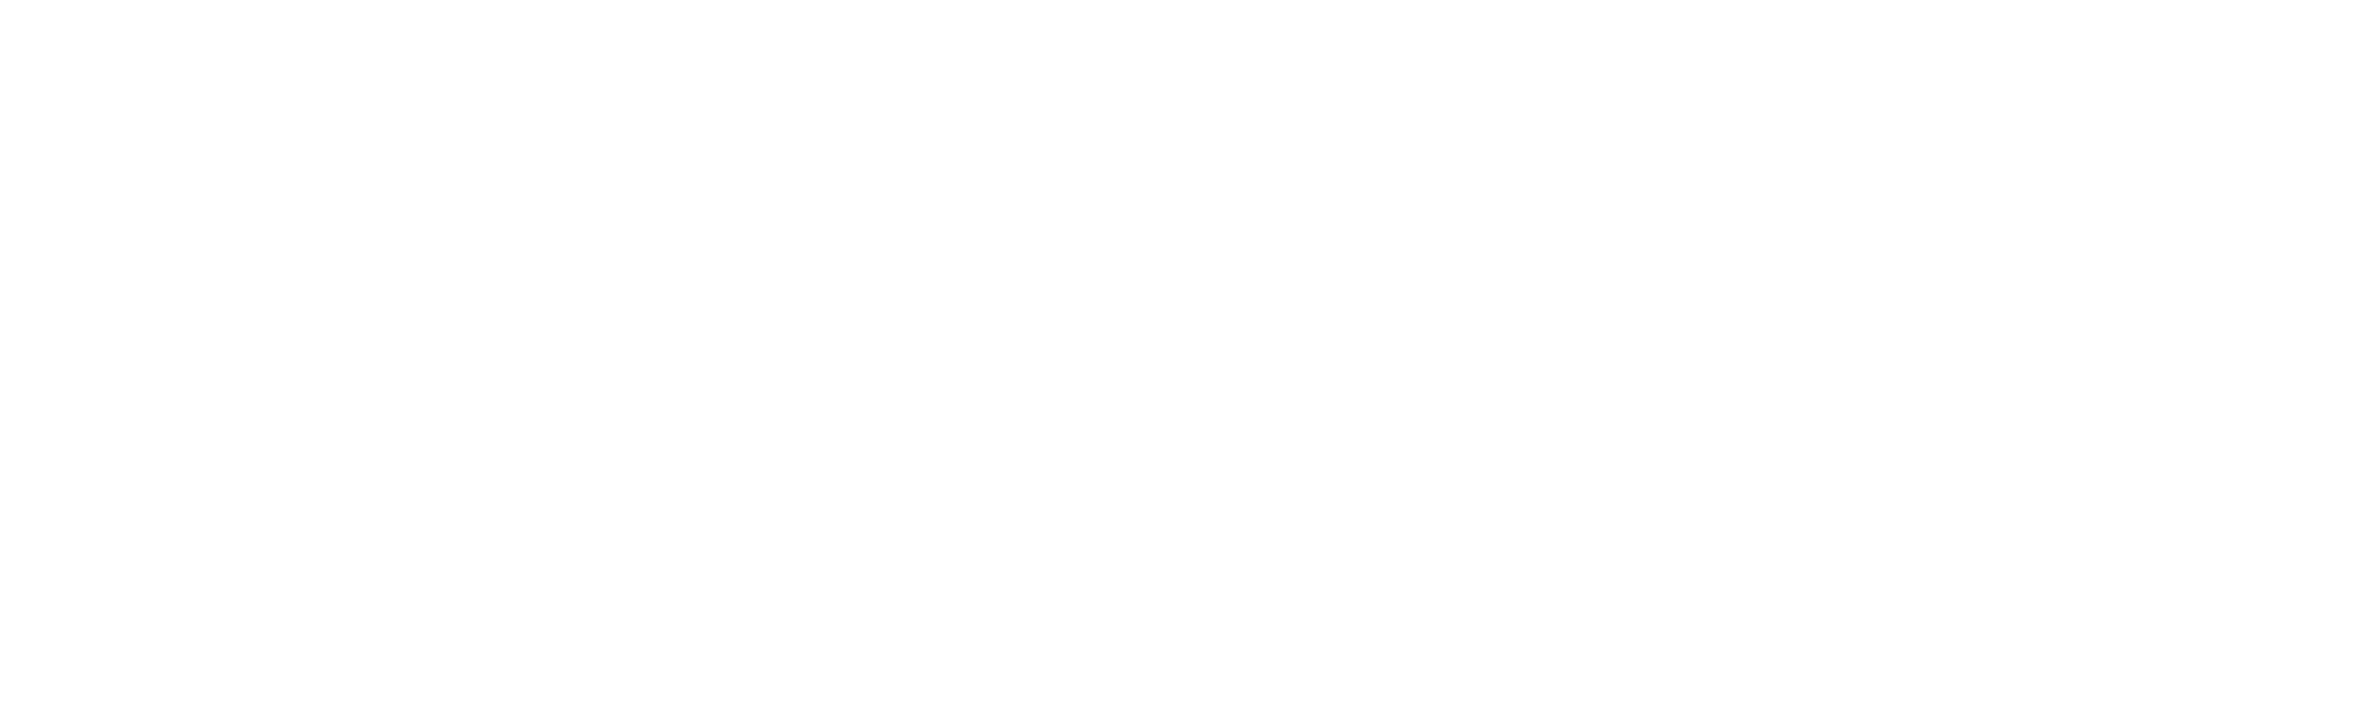 en Spotify